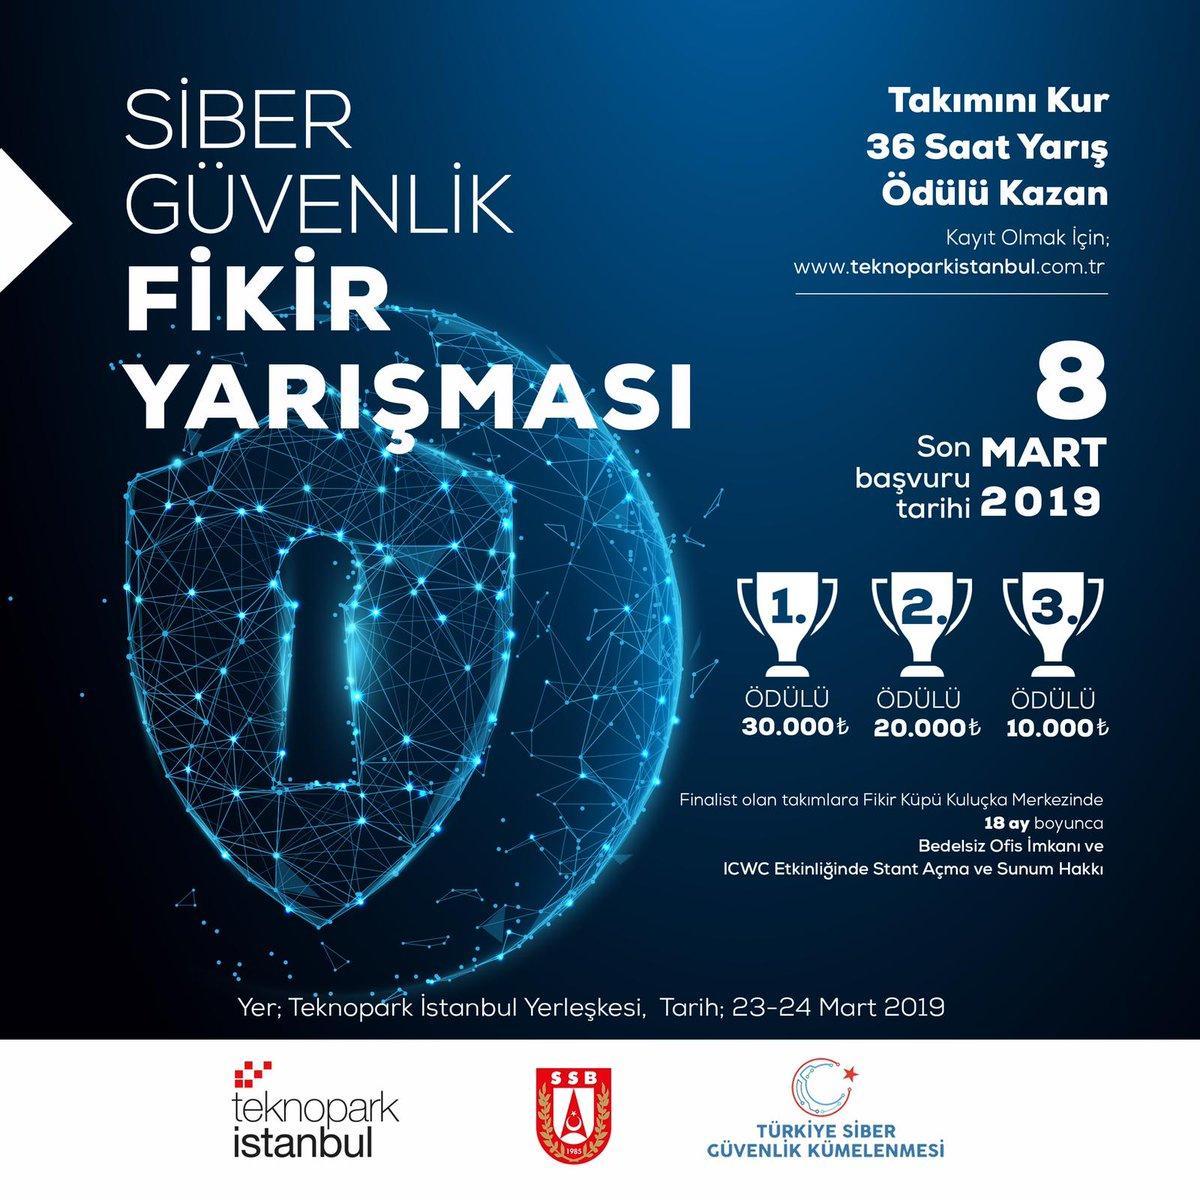 Siber Güvenlik Fikir Yarışması